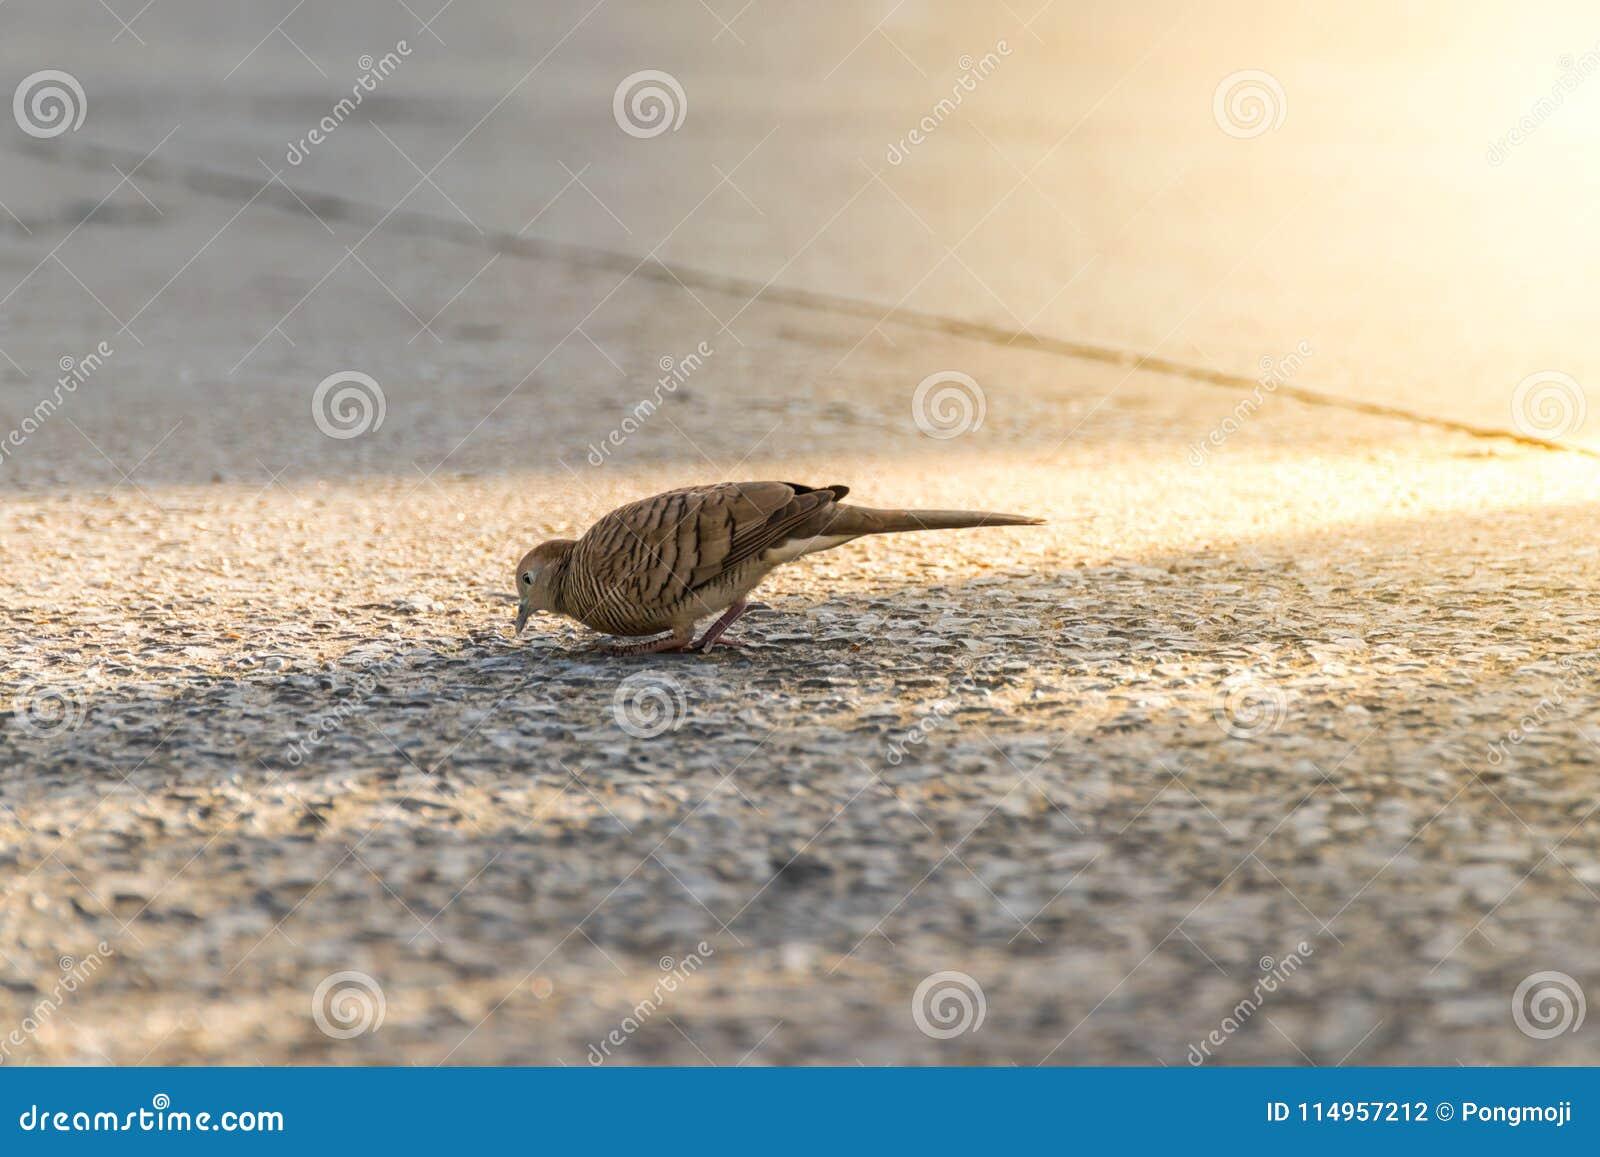 Πουλί (περιστέρι, περιστέρι ή αποσαφήνιση) σε μια πόλη